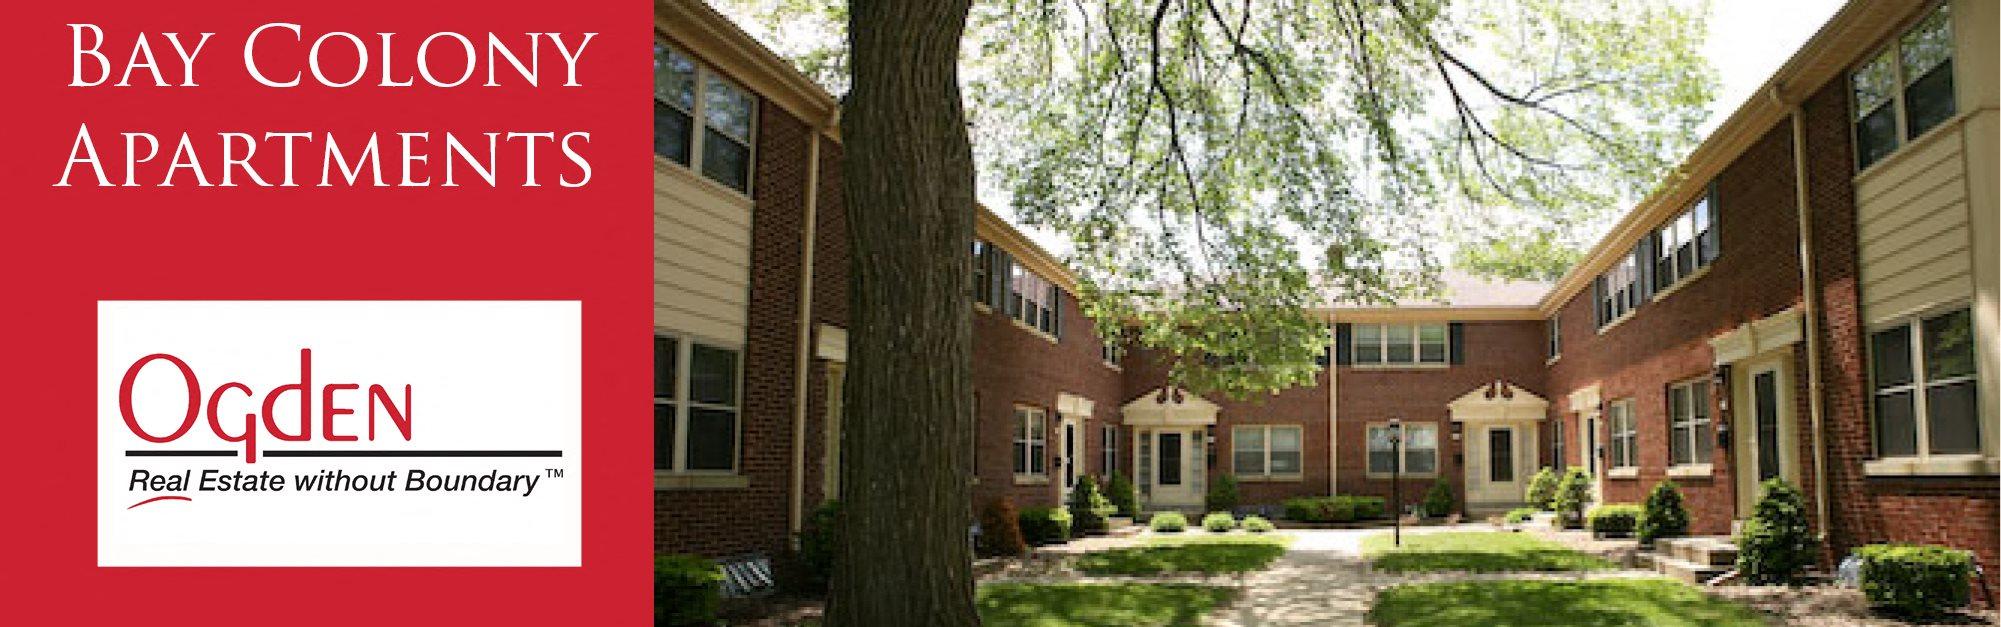 Bay Colony Apartments